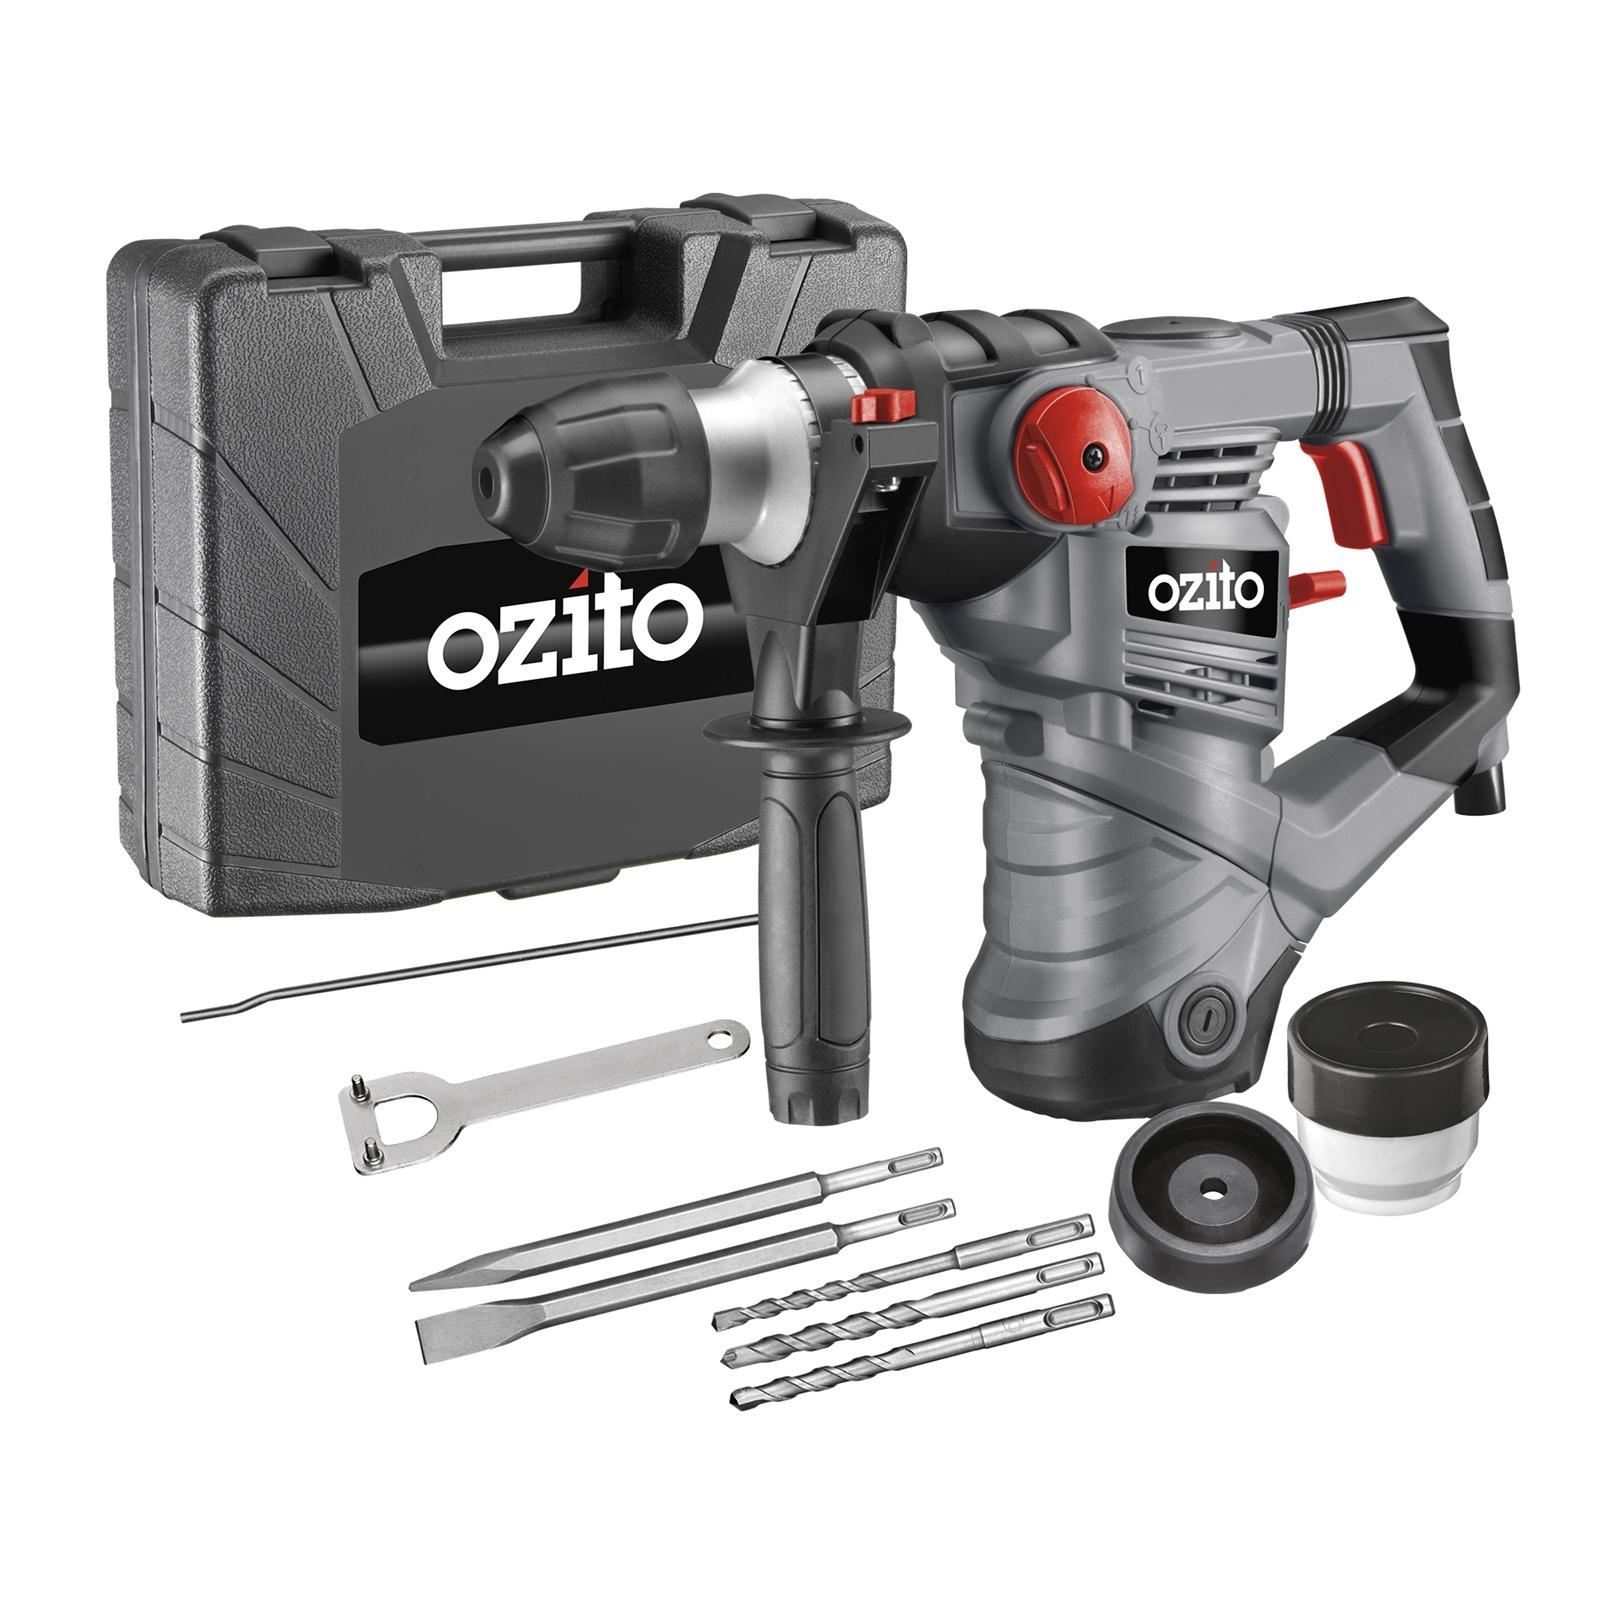 Ozito 1600W SDS+ 4J Rotary Hammer Drill Kit